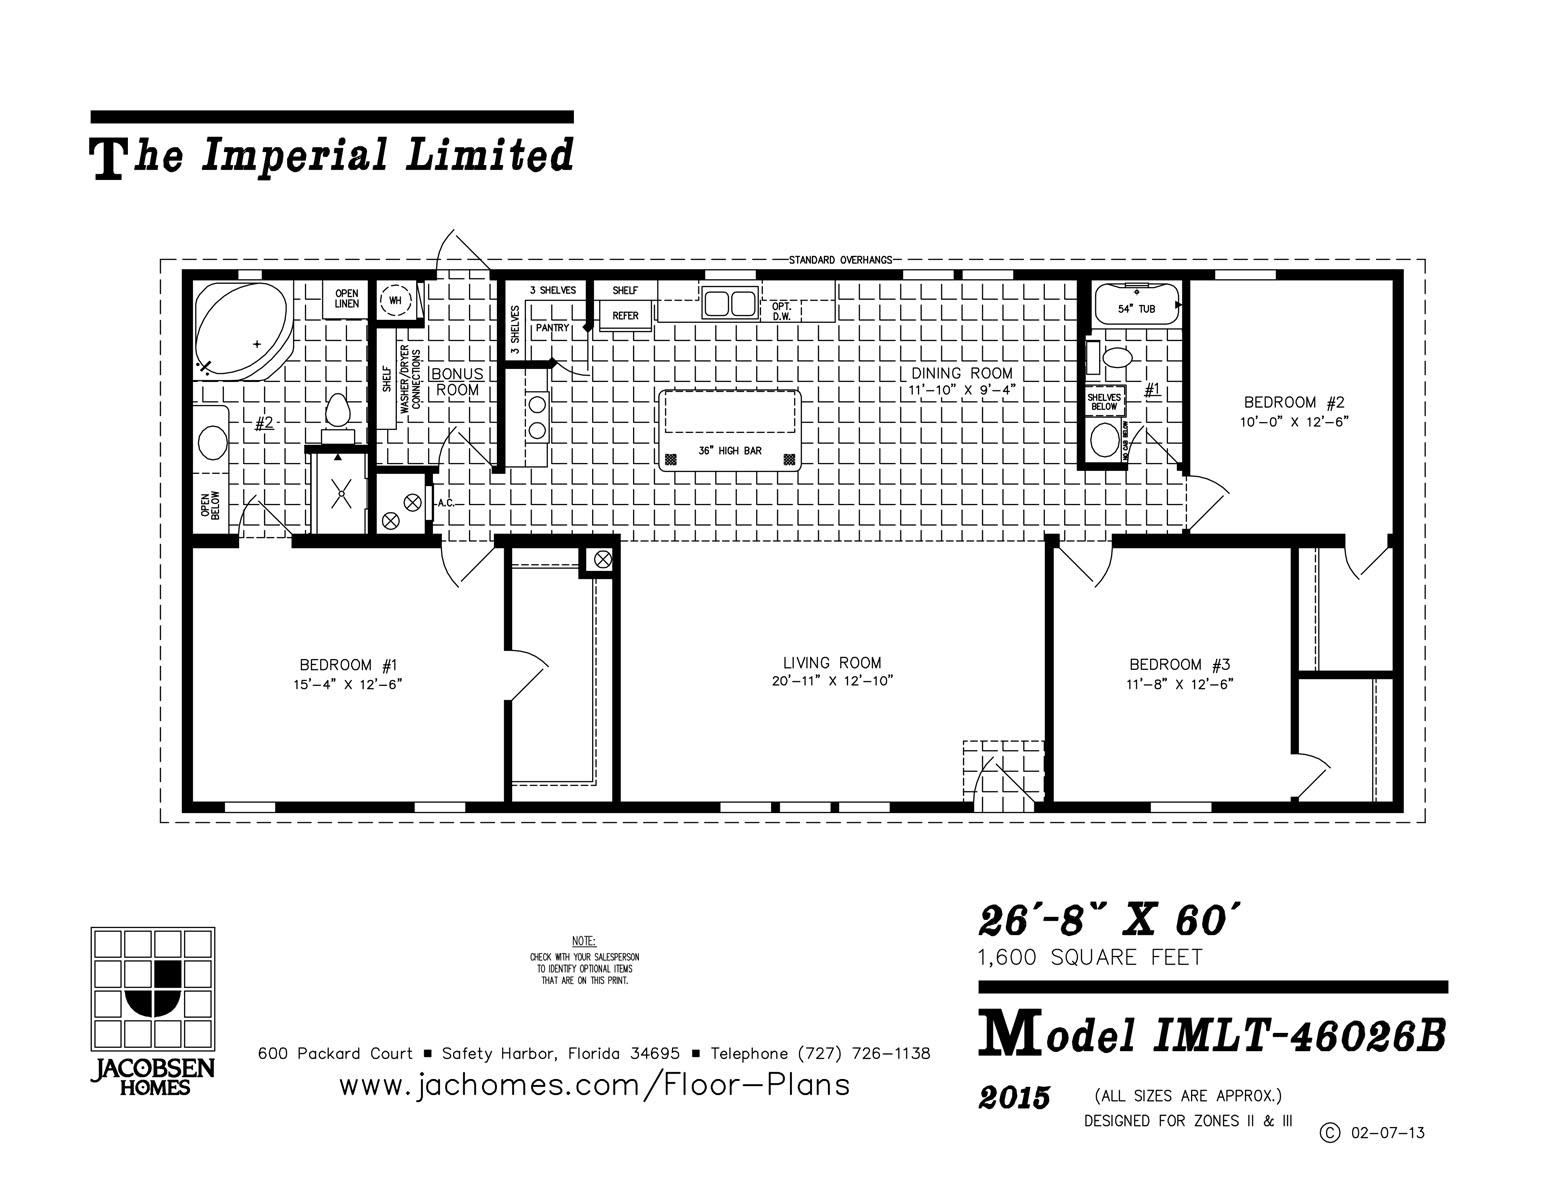 Imlt 46026b mobile home floor plan ocala custom homes for Free mobile home floor plans